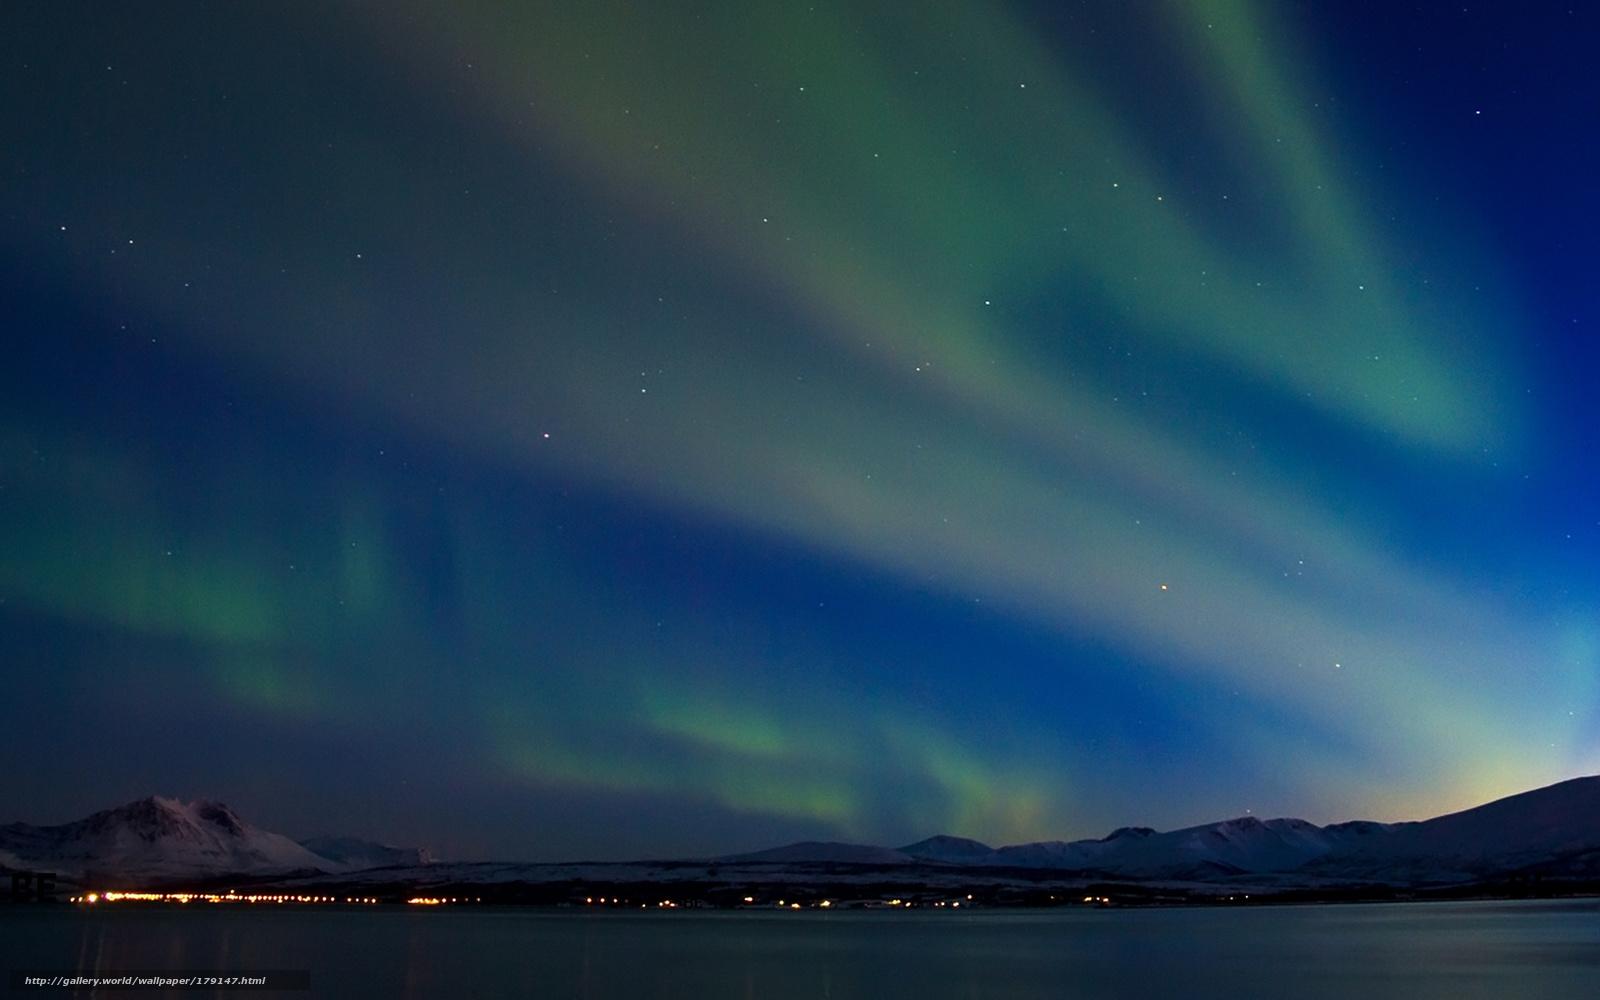 Scaricare gli sfondi inverno montagne aurora boreale for Sfondi gratis desktop inverno